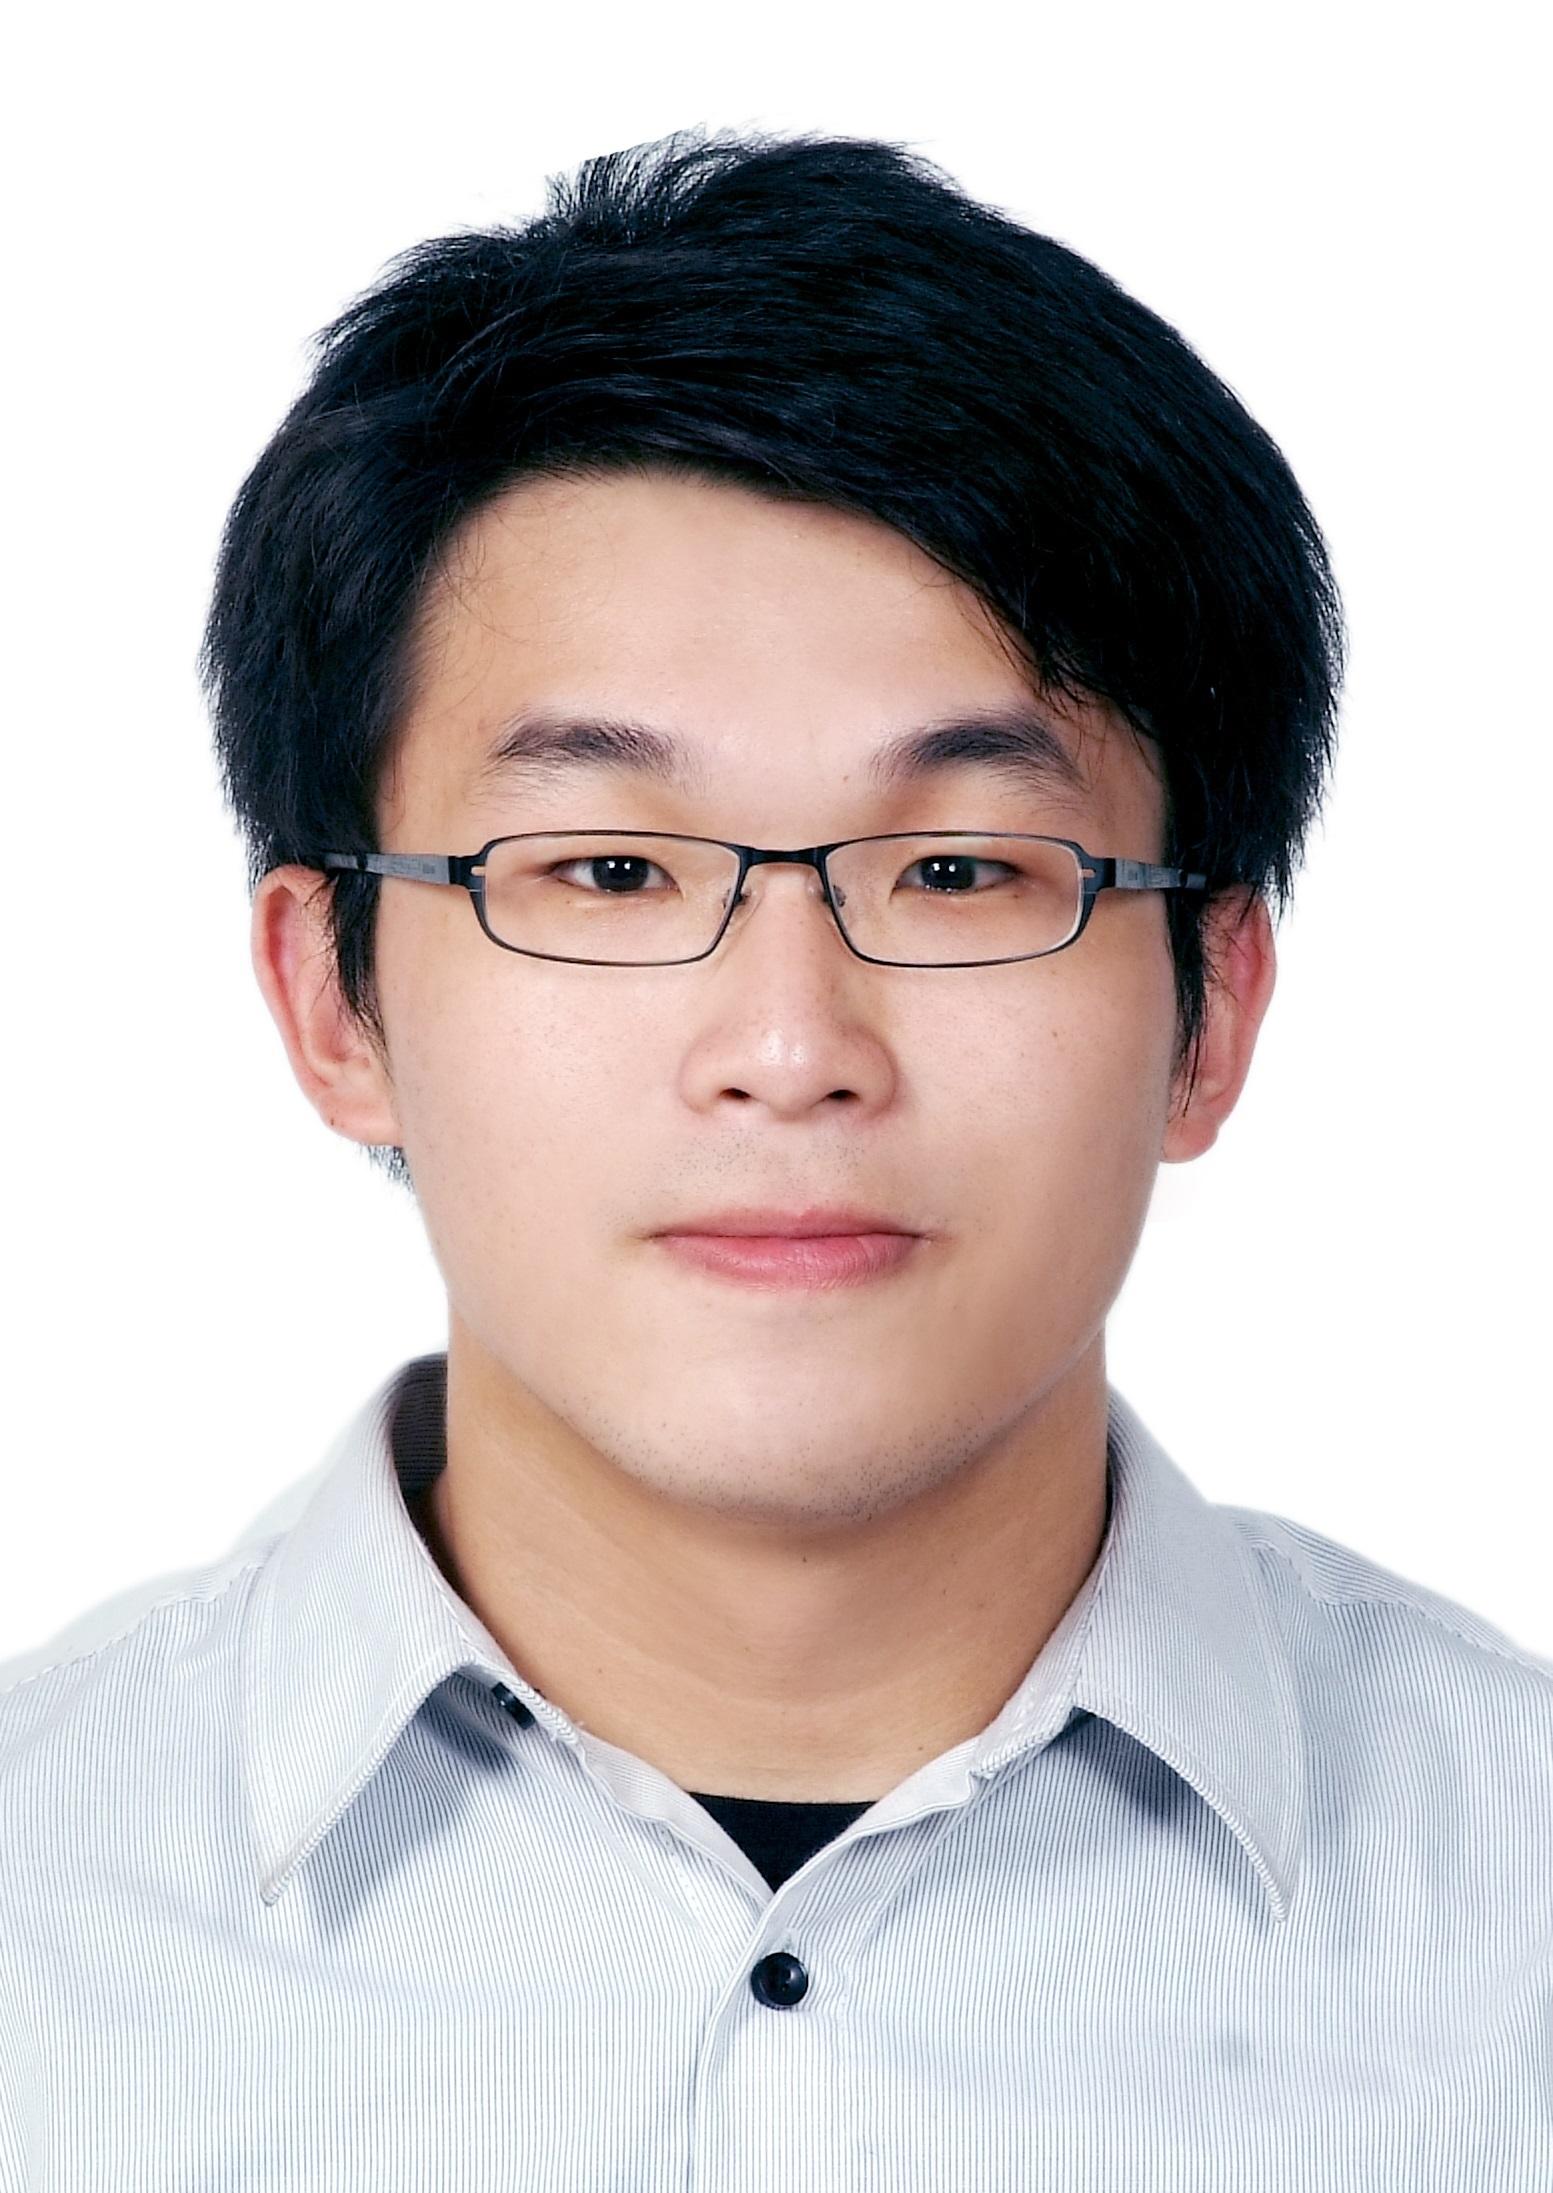 蔣侃學  Kan-Hsueh Chiang